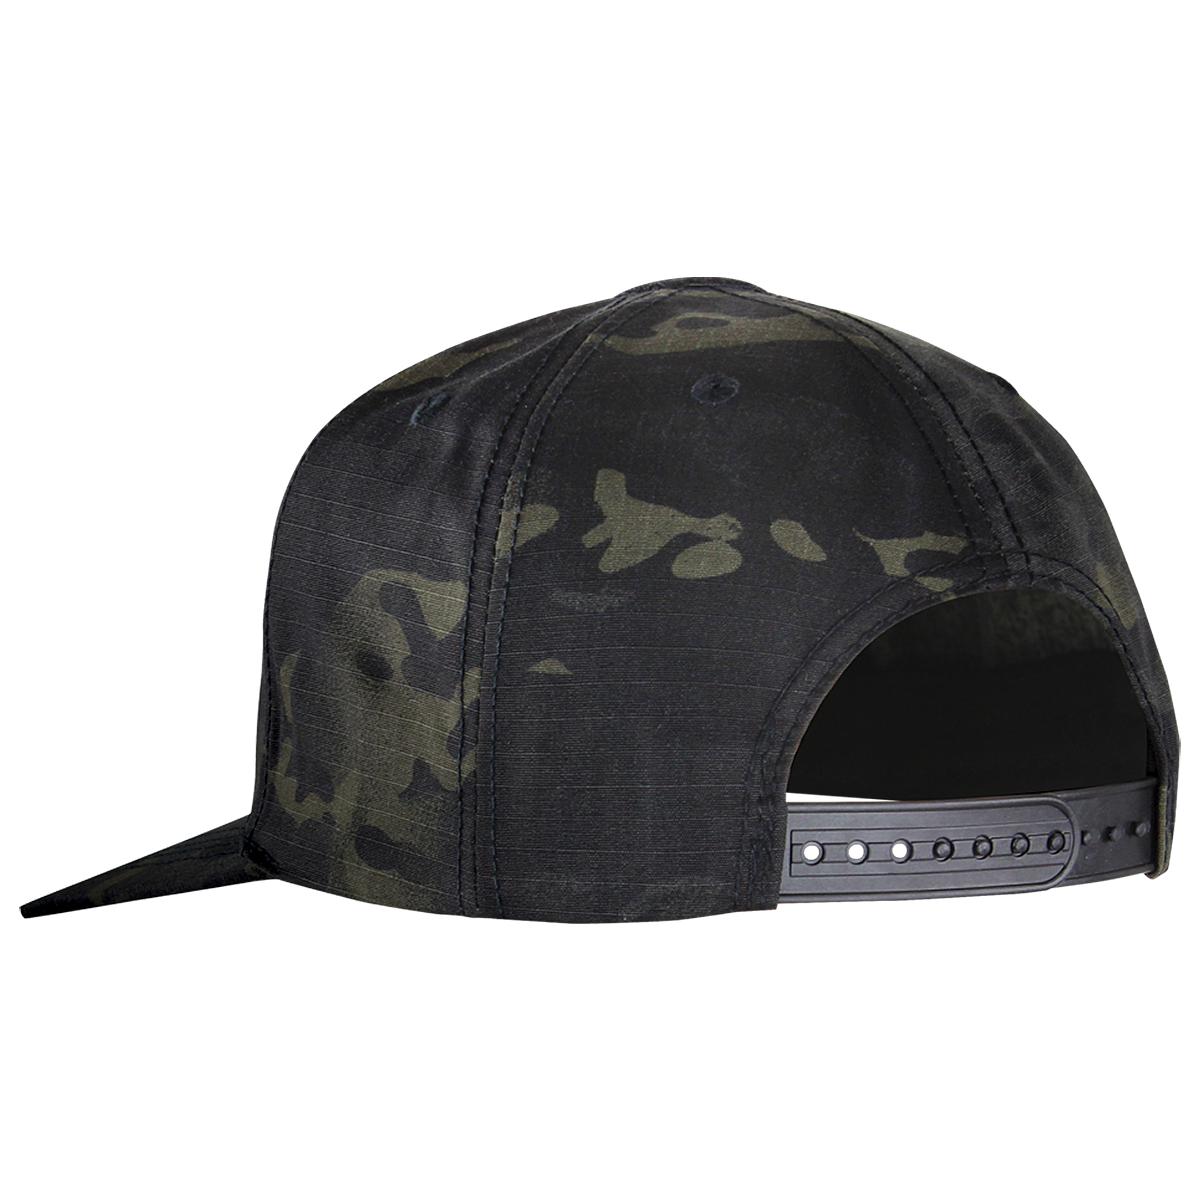 Details about Condor Flat Bill Snapback Cap Baseball Mens Tactical Hat  MultiCam Black Camo